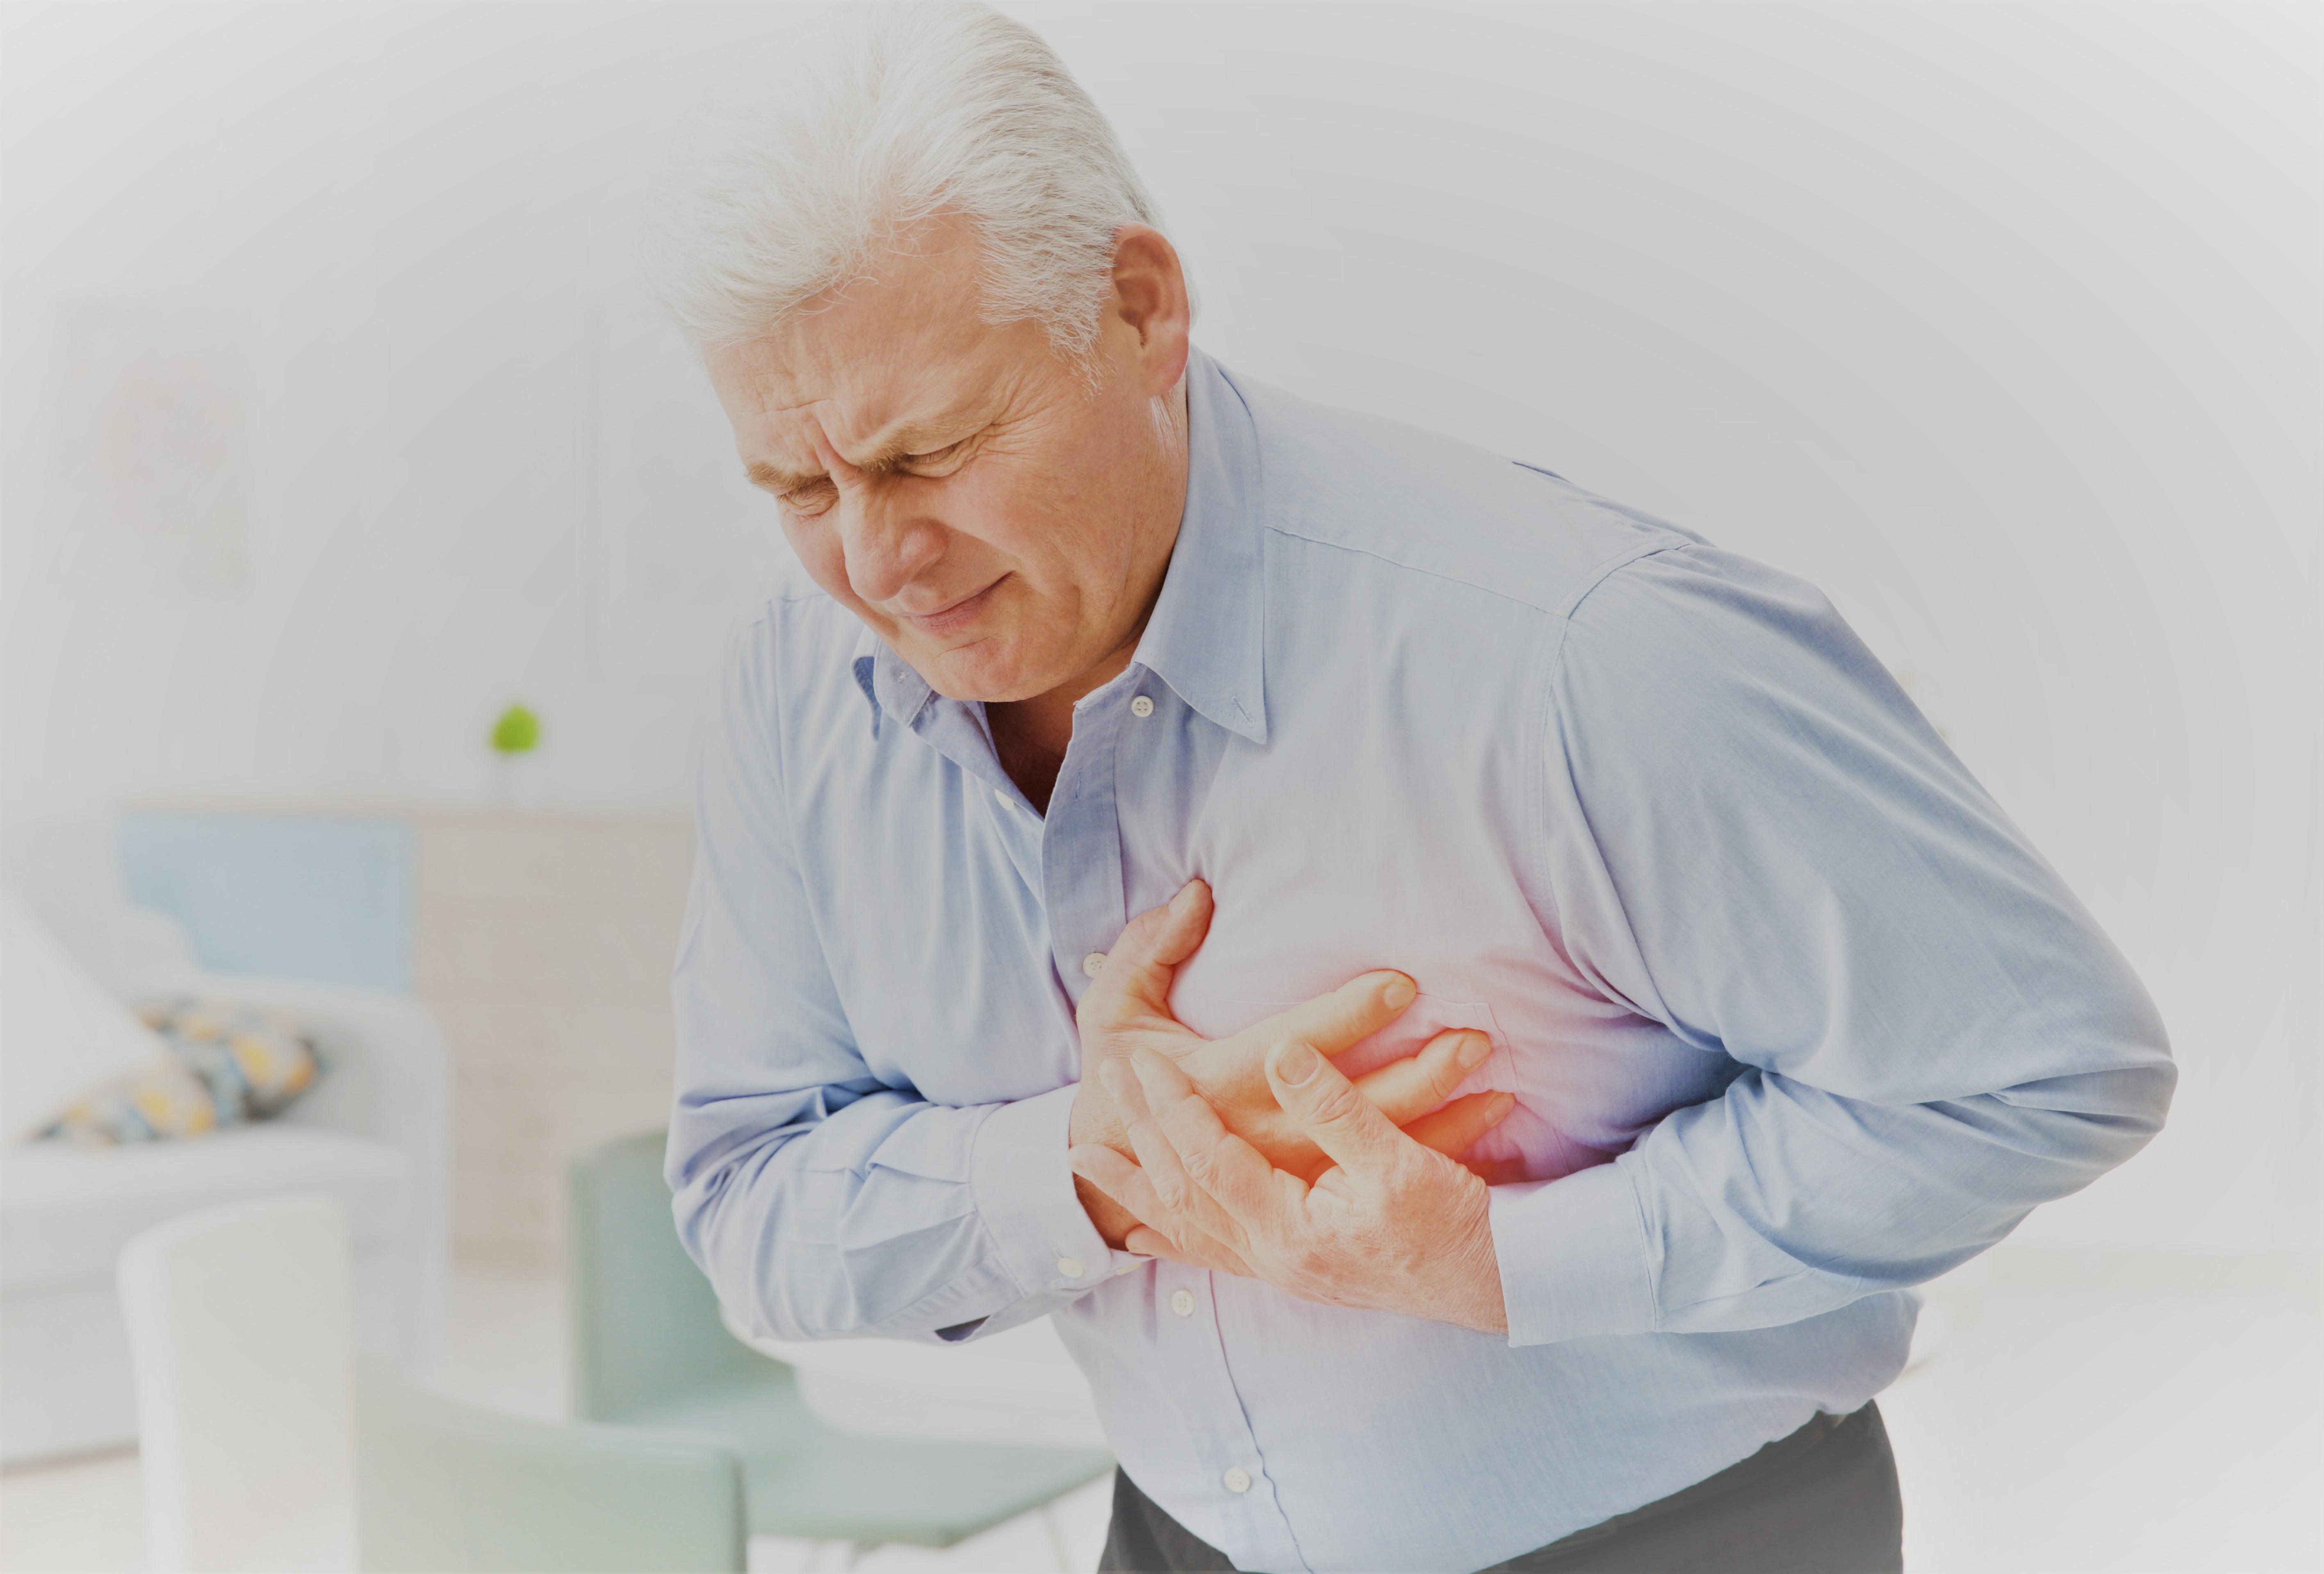 kenőcs gyógyító ízületek fájdalom az emberi vállon